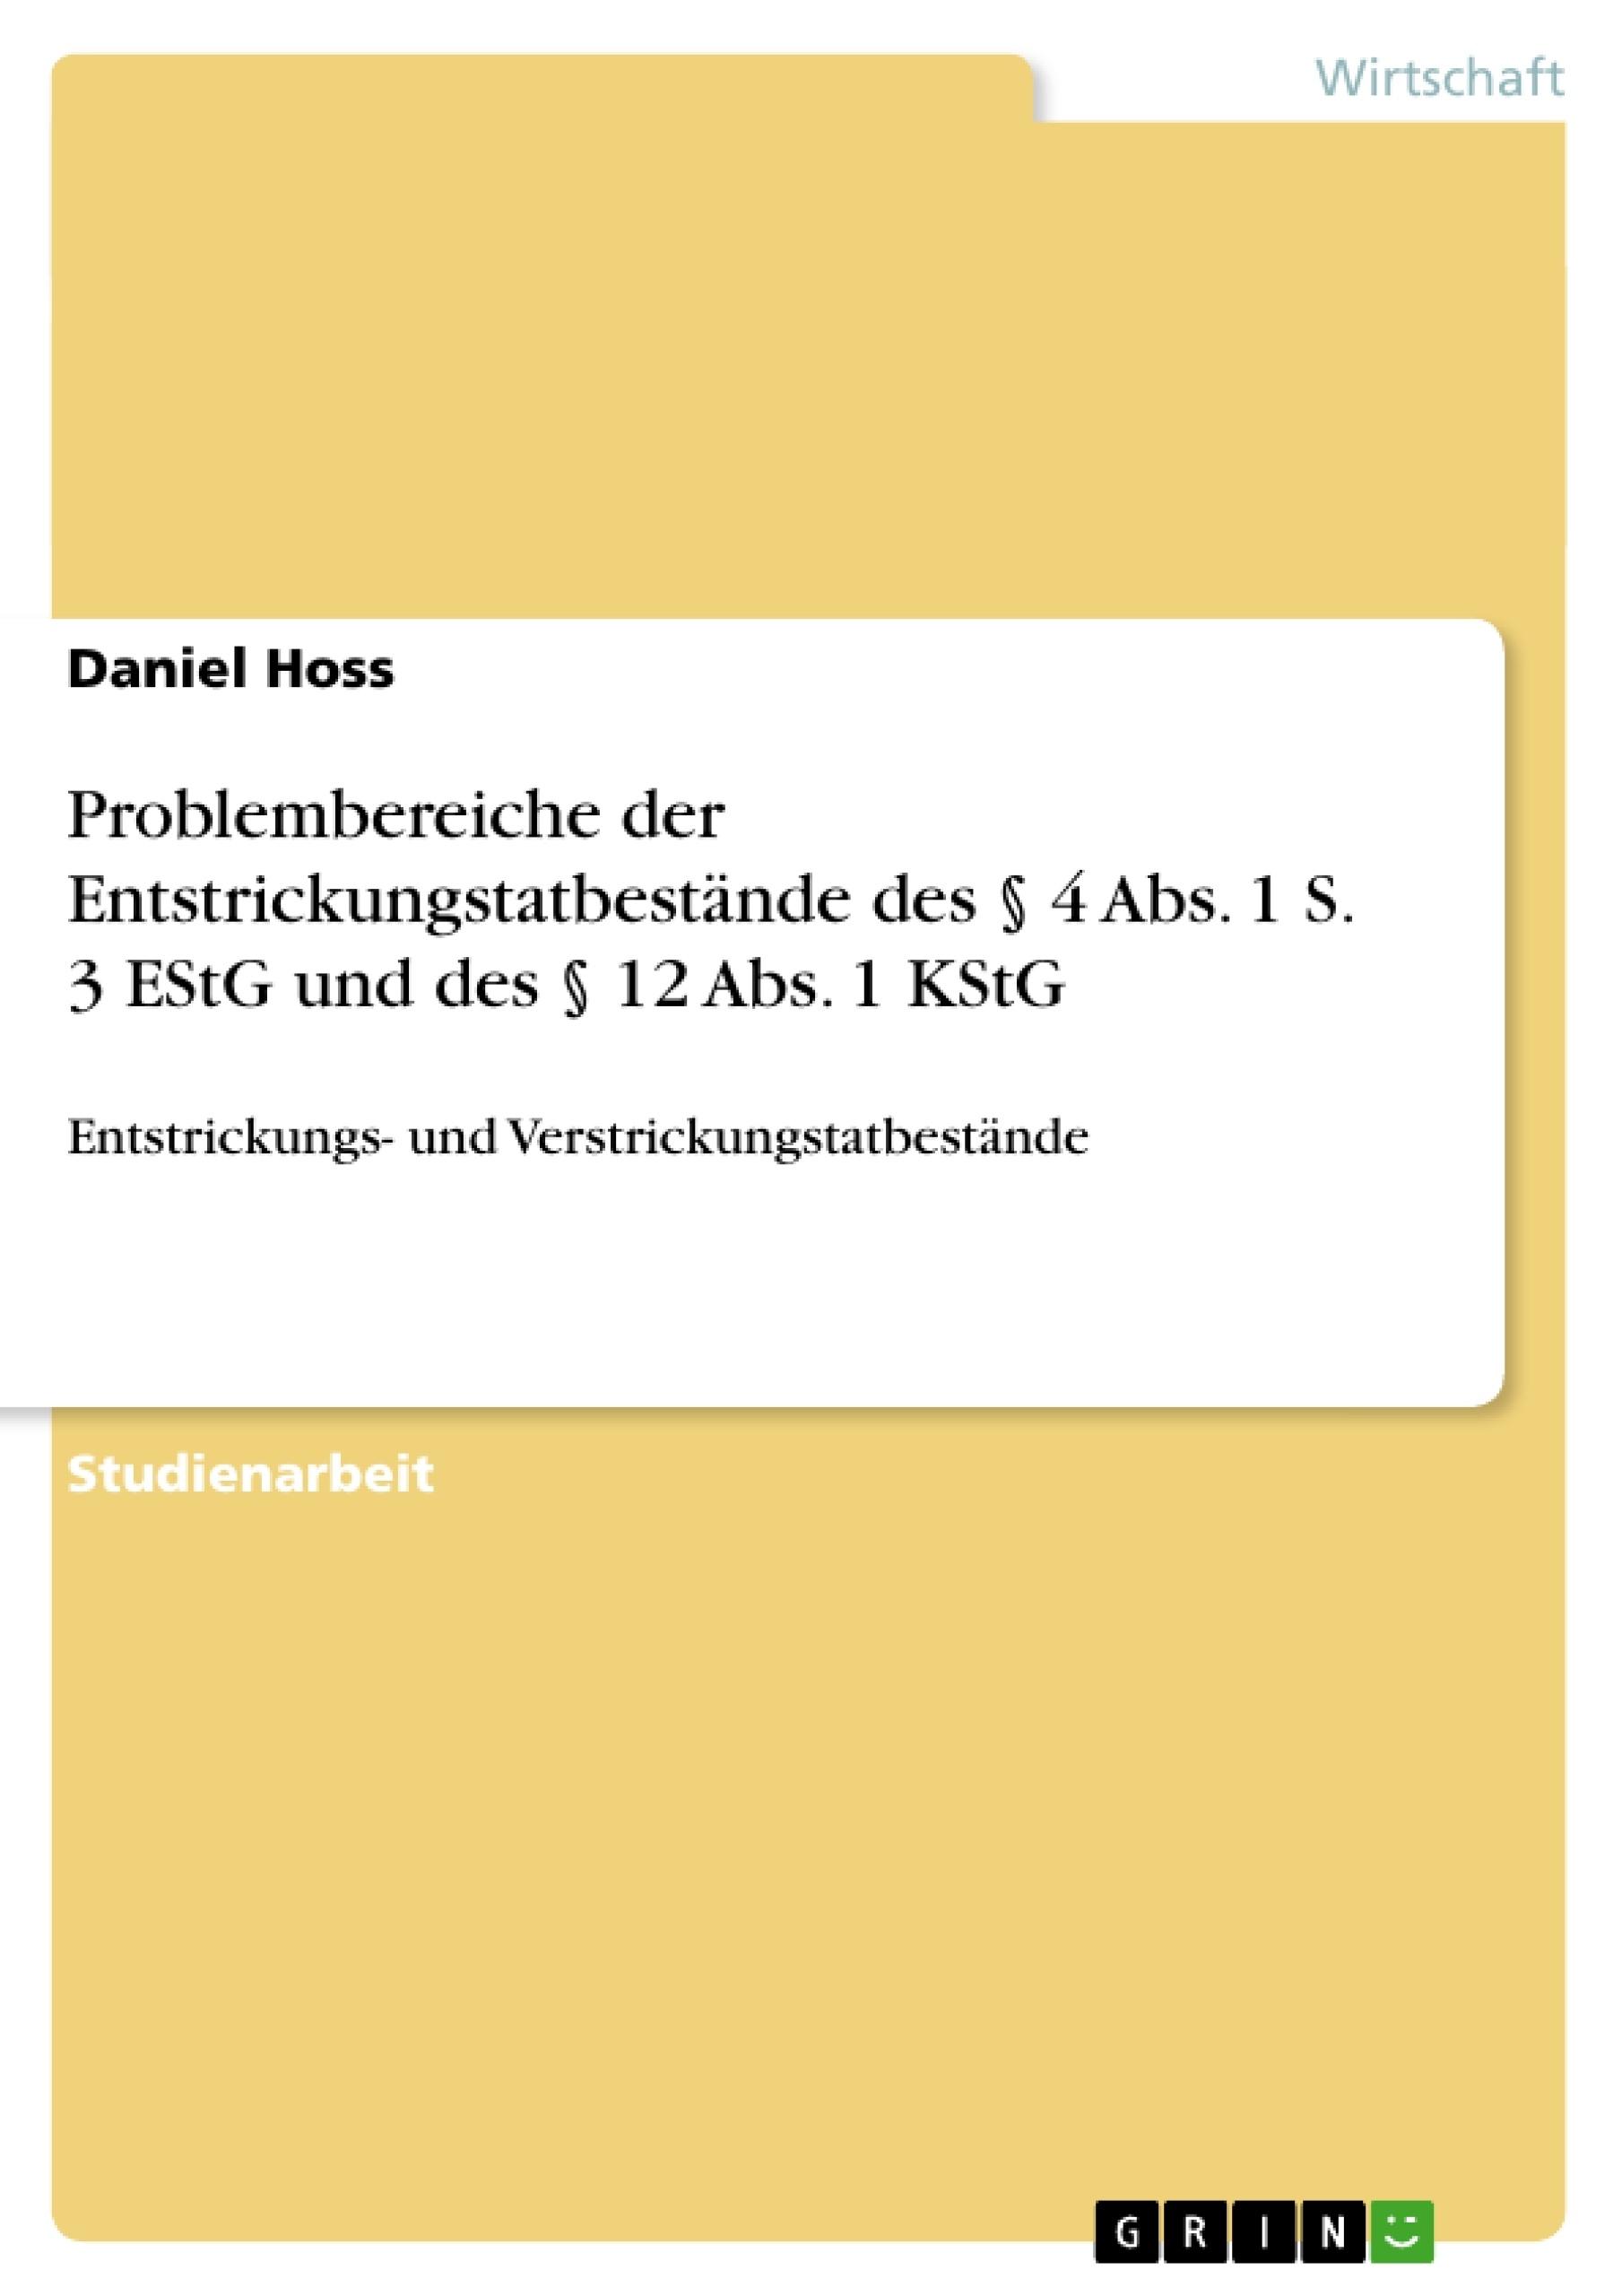 Titel: Problembereiche der Entstrickungstatbestände des § 4 Abs. 1 S. 3 EStG und des § 12 Abs. 1 KStG